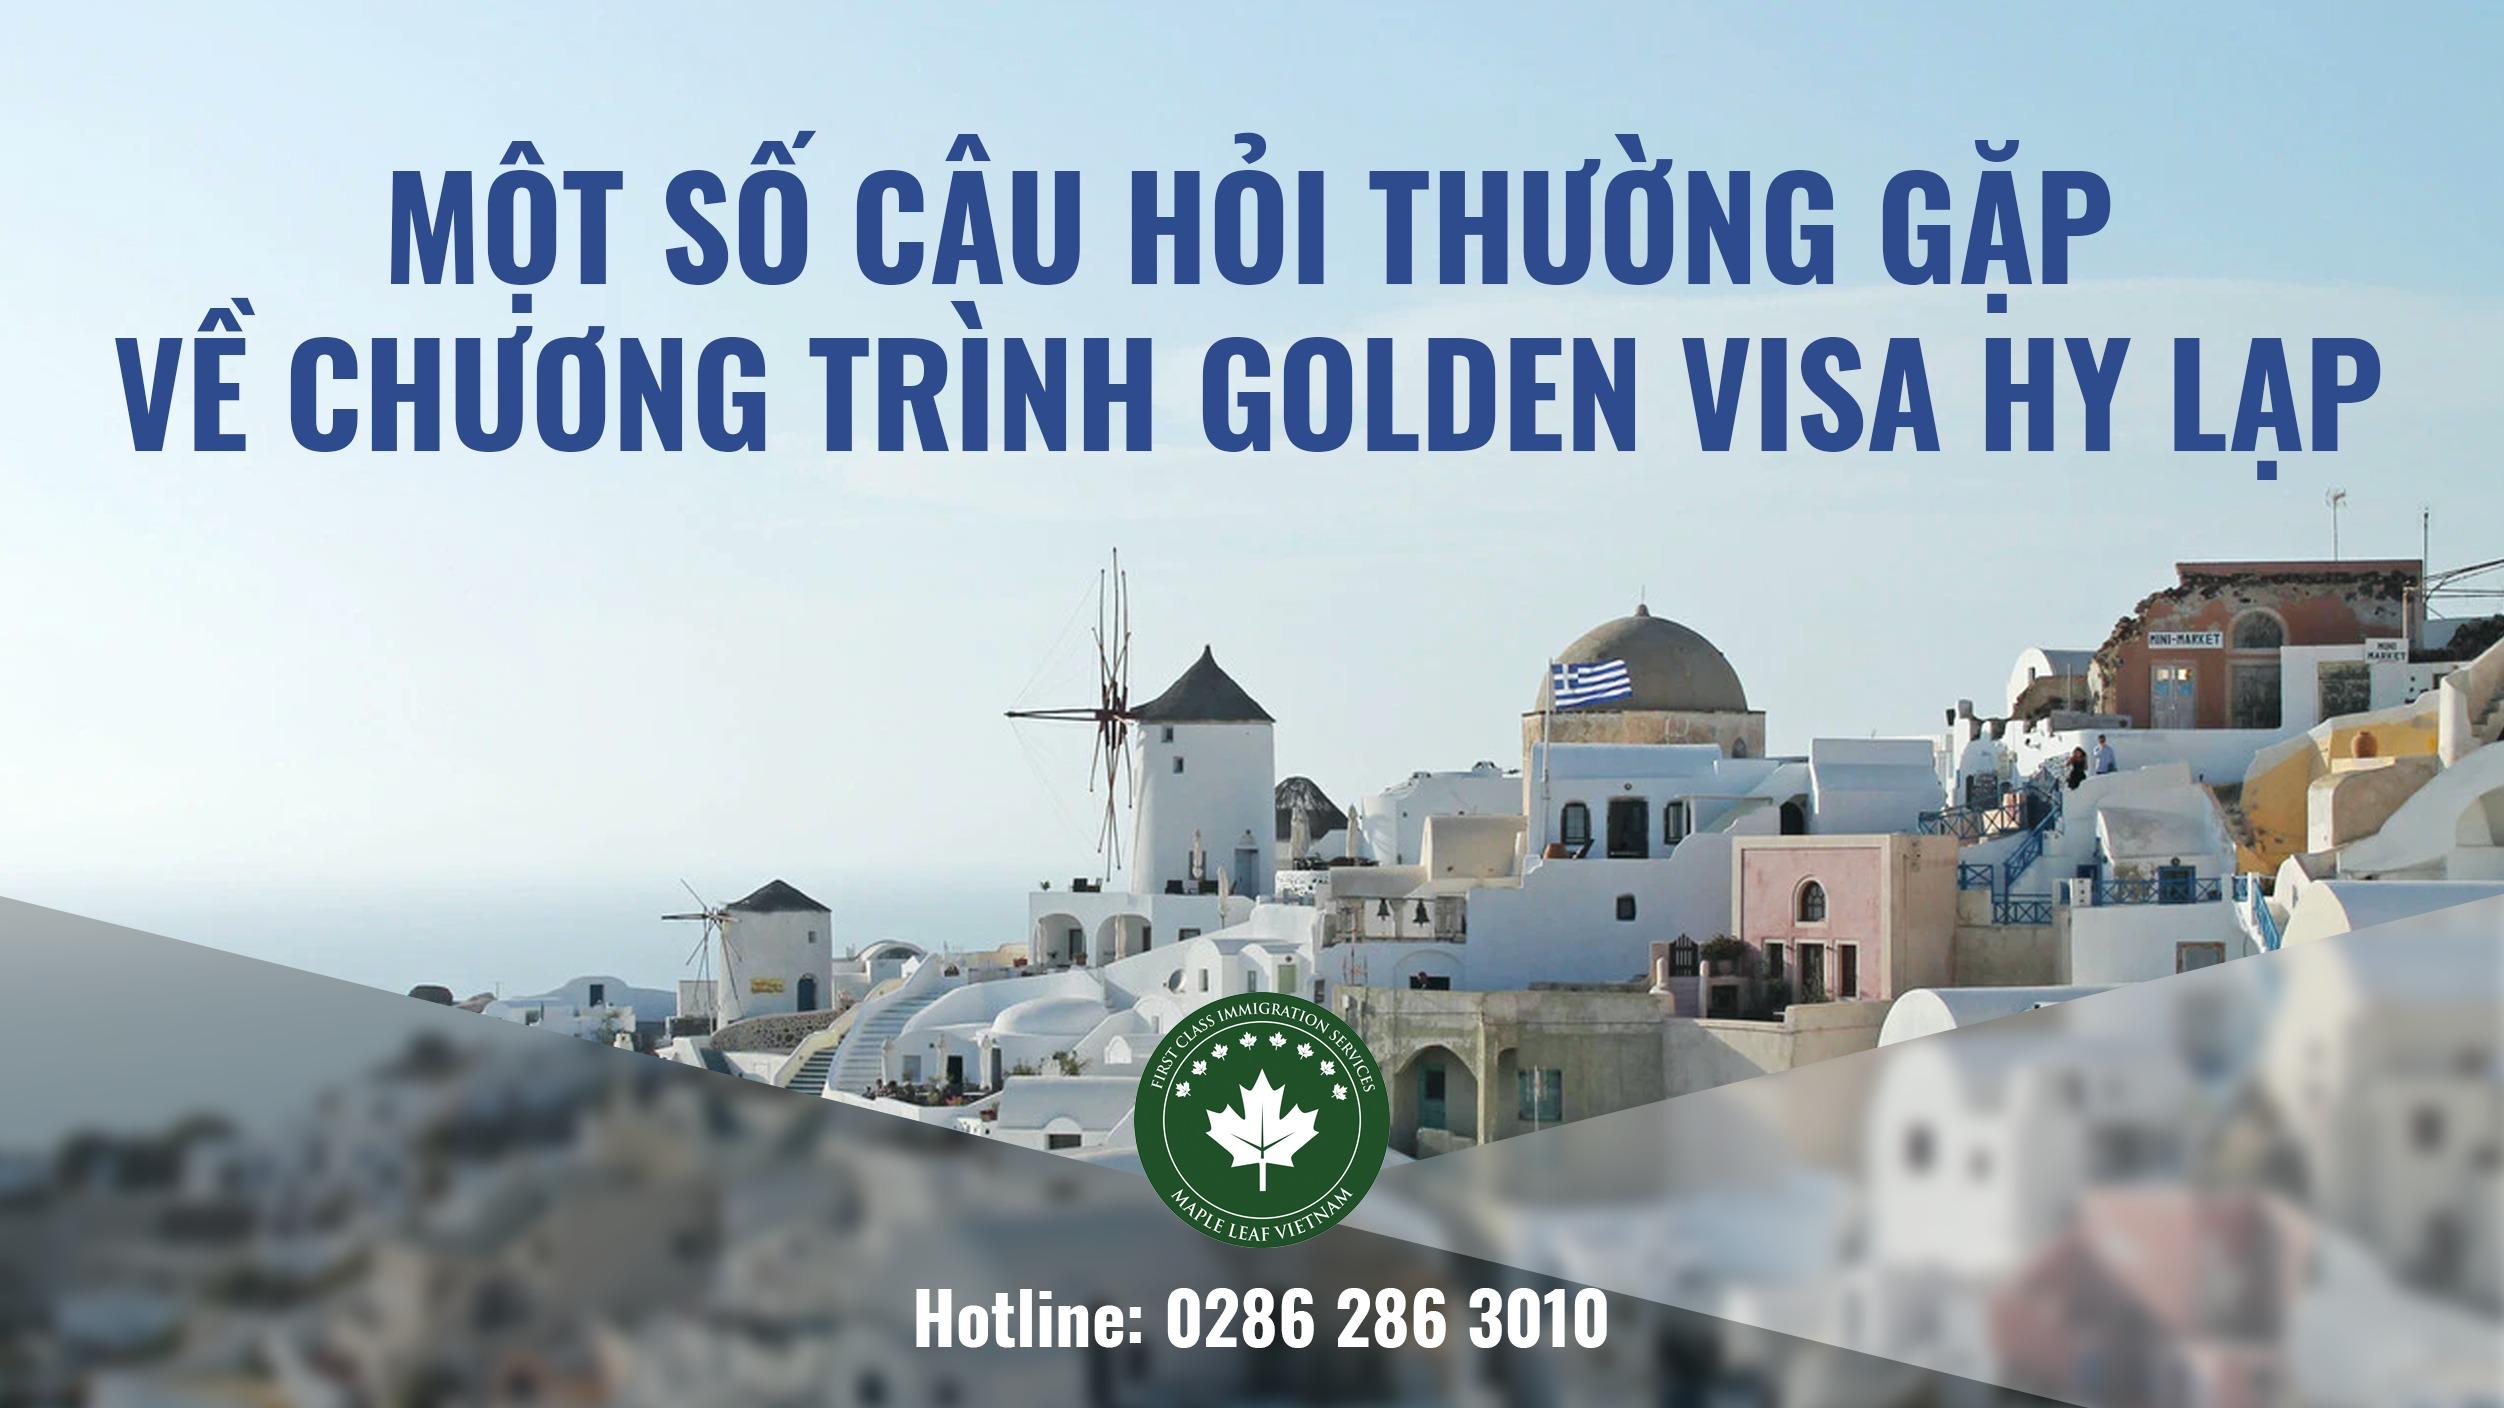 mot-so-cau-hoi-thuong-gap-ve-chuong-trinh-golden-visa-hy-lap